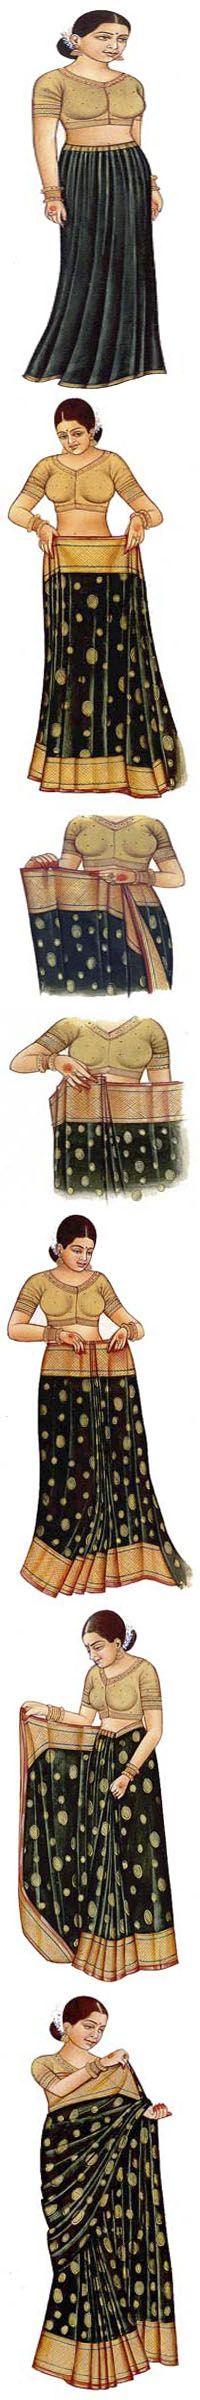 инструкция как завязывать сари